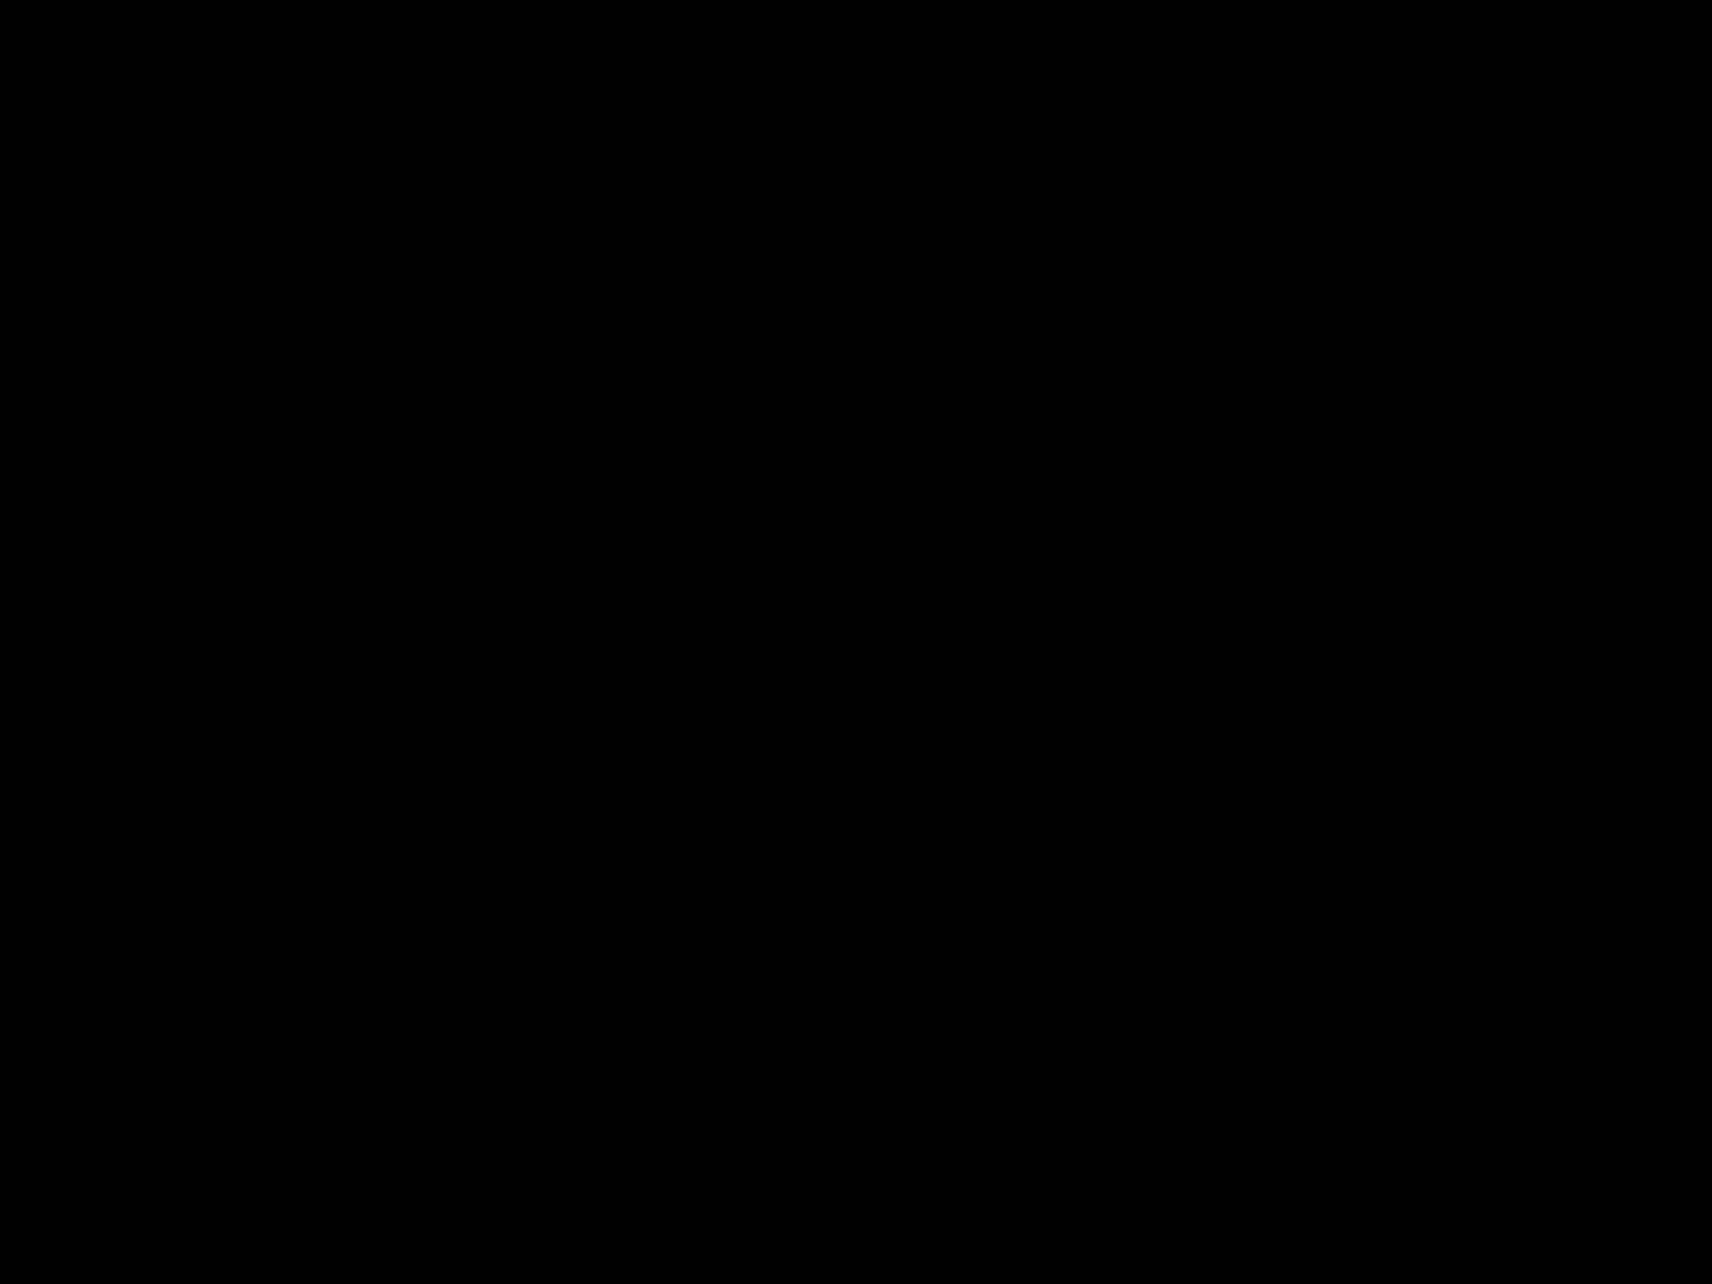 5933_10.jpg